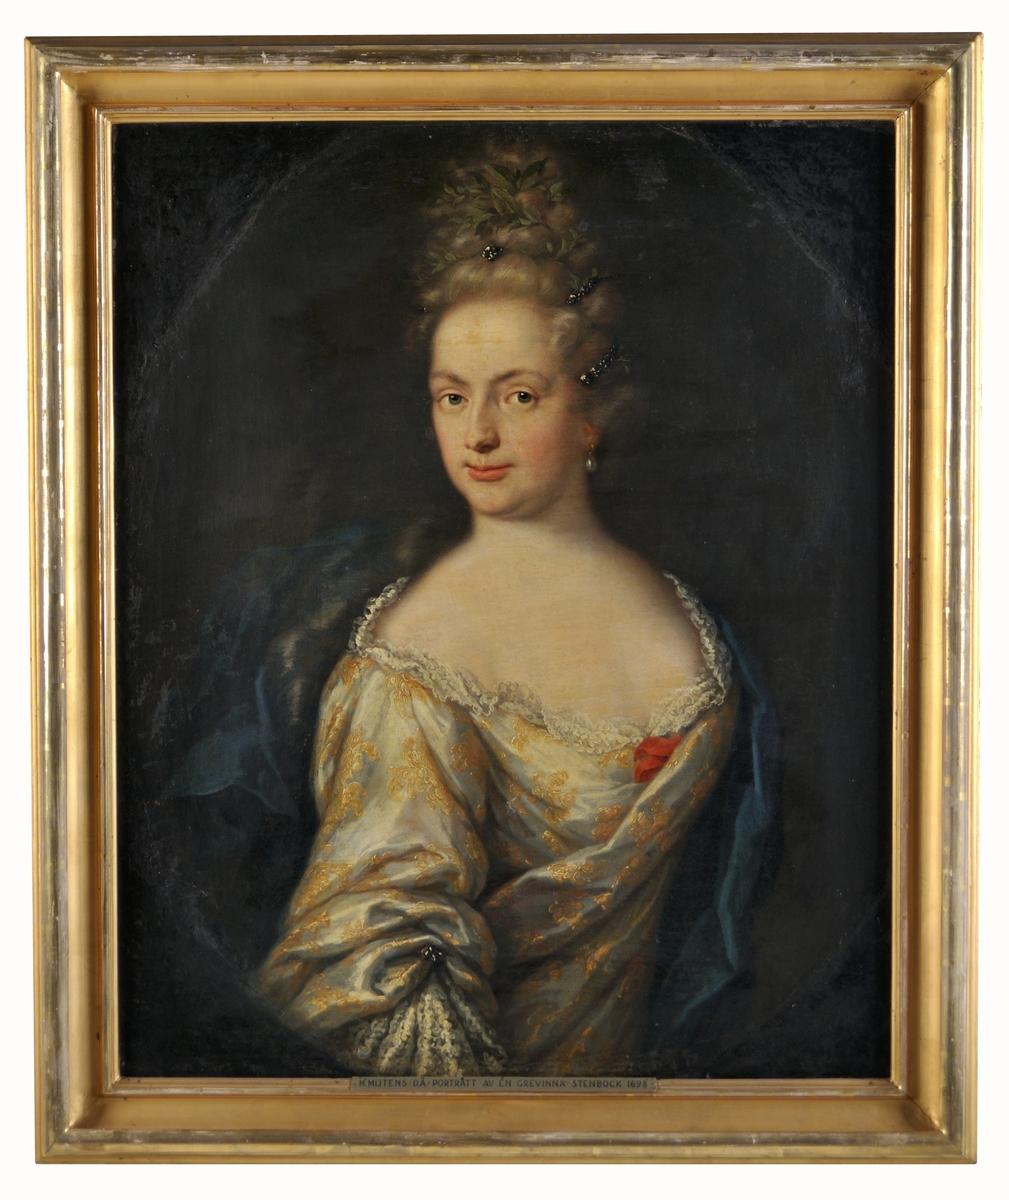 Martin Mijtens d.ä. Porträtt av grevinna Stenbock, dat. 1698 enligt inskription på spännramen. Midjebild i målad oval. Olja på duk, modern förgylld ram.